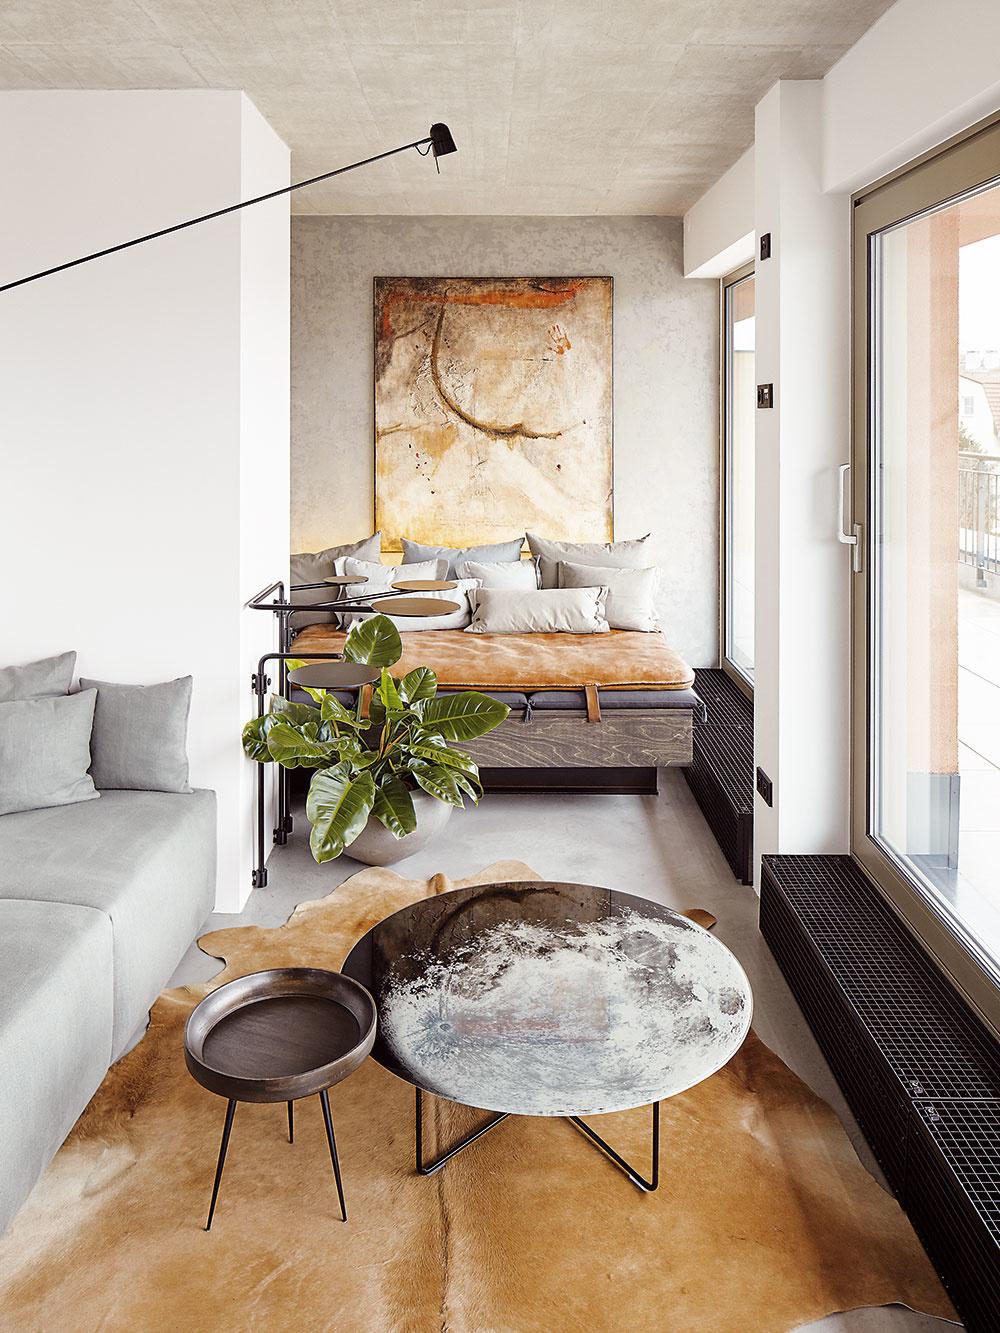 Všetky prvky v interiéri spolu ladia štýlom, farebne imateriálovo – betónová stierka na podlahe, stena s patinovou maľovkou, hovädzie kože, gauč s koženou žinenkou, obraz ikonferenčný stolík značky Diesel.